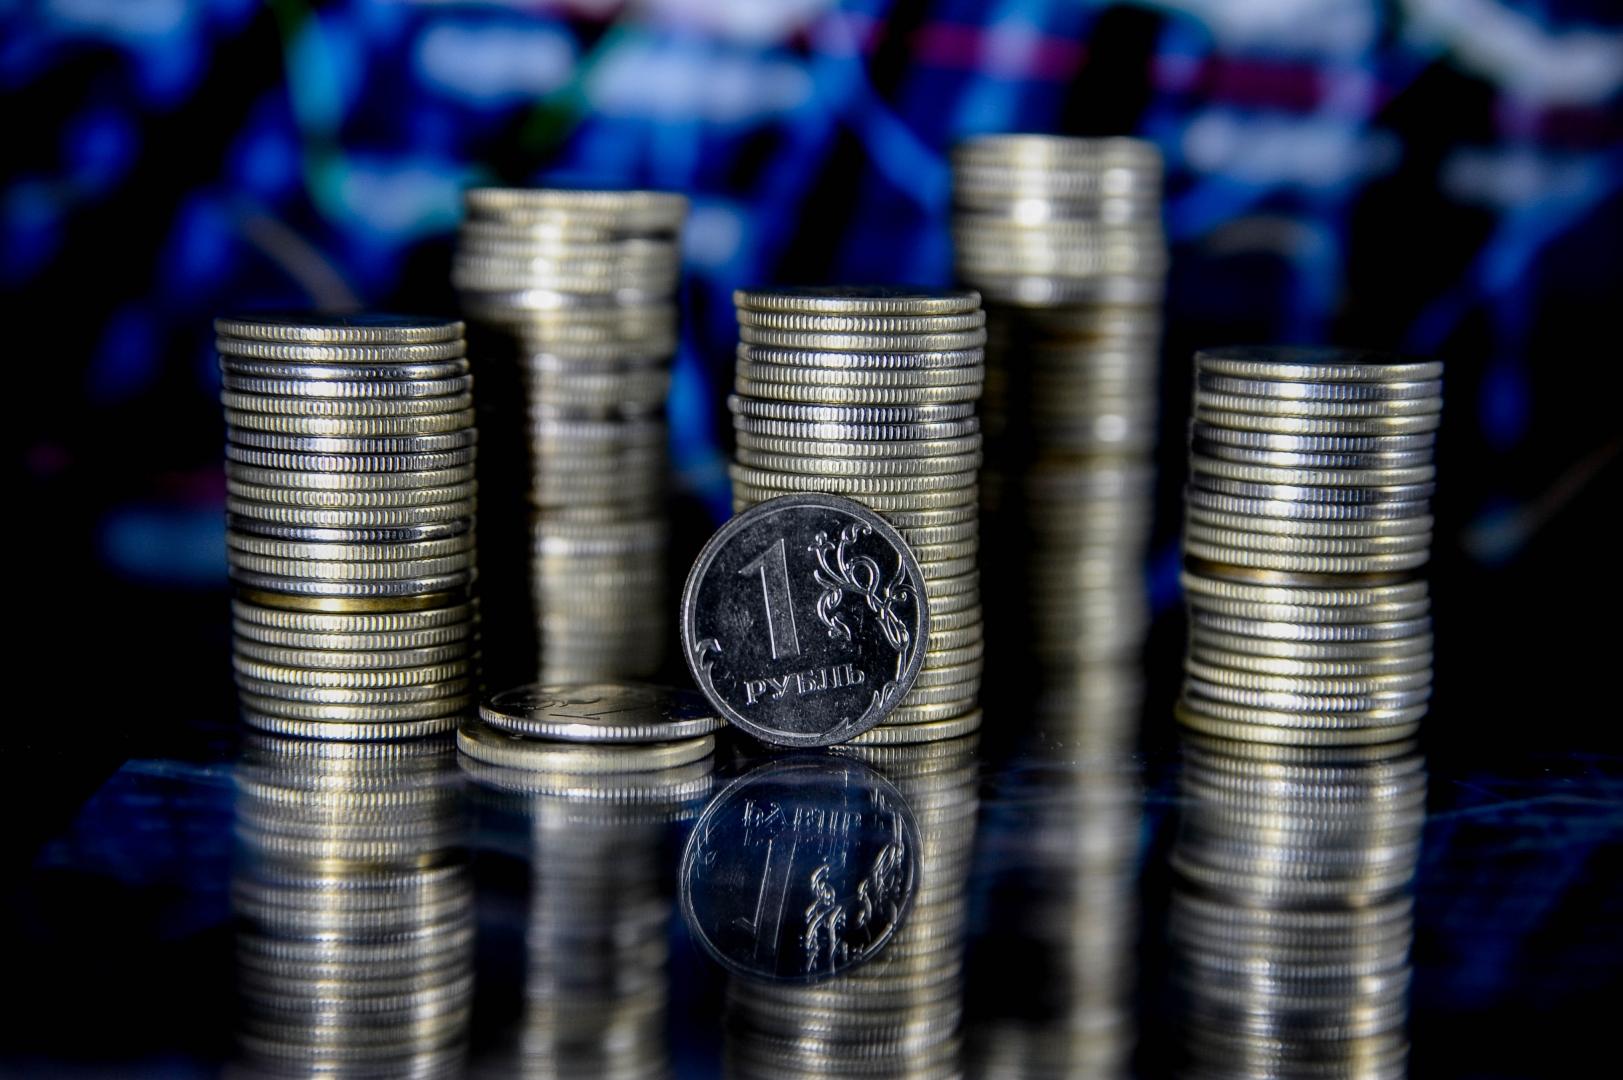 Экономист объяснил бум на рынке недвижимости девальвацией рубля